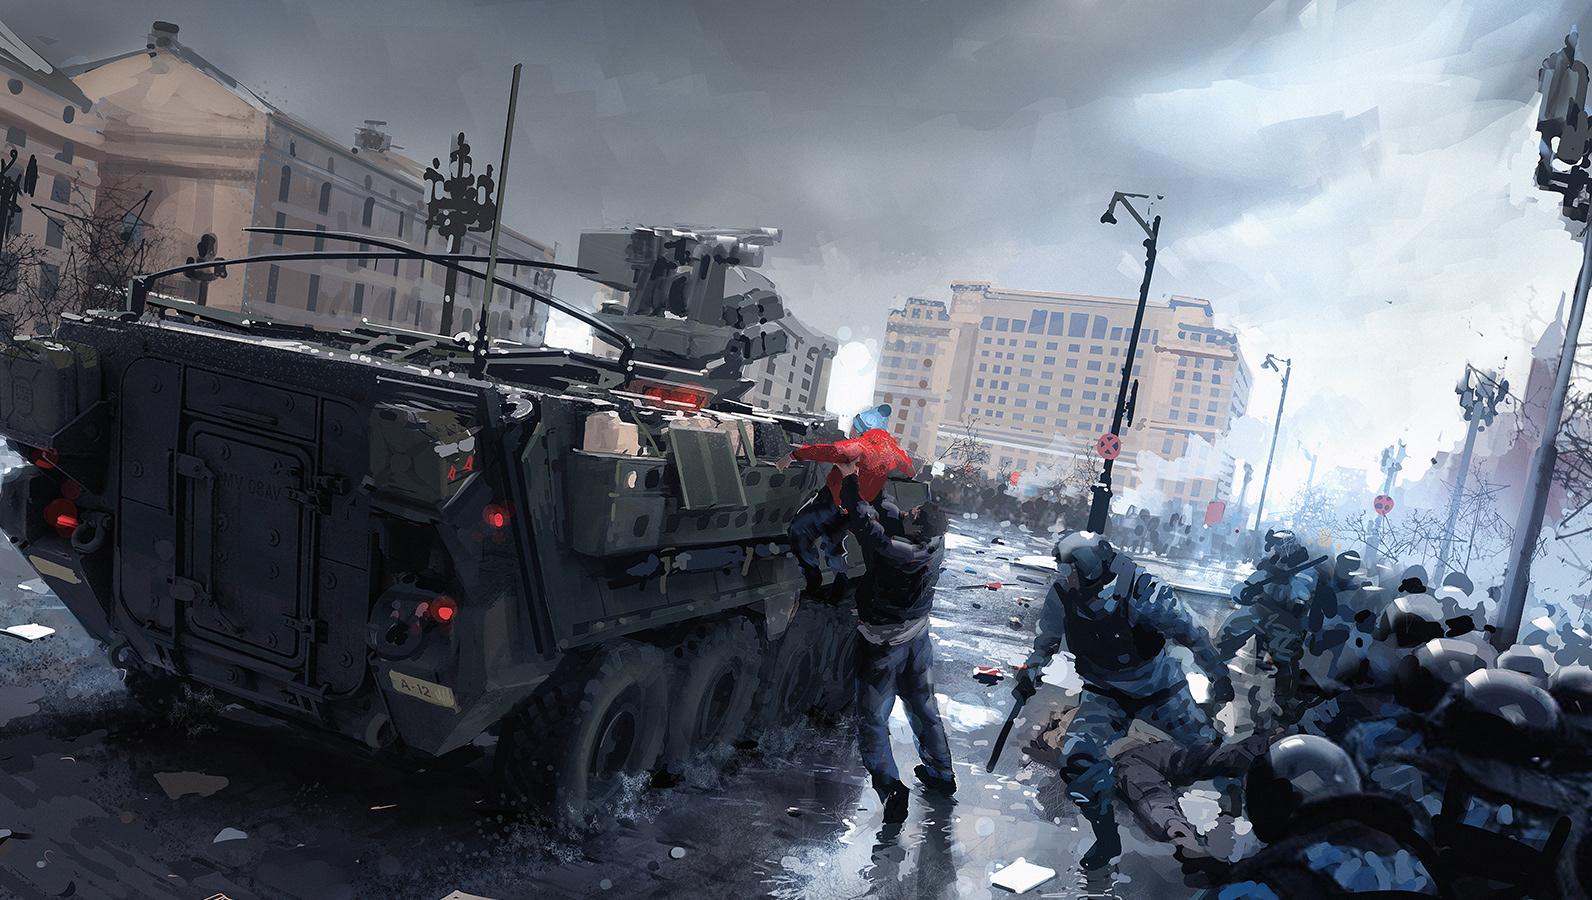 Robert sammelin artworks battlefield 4 concept art - Battlefield v concept art wallpaper ...